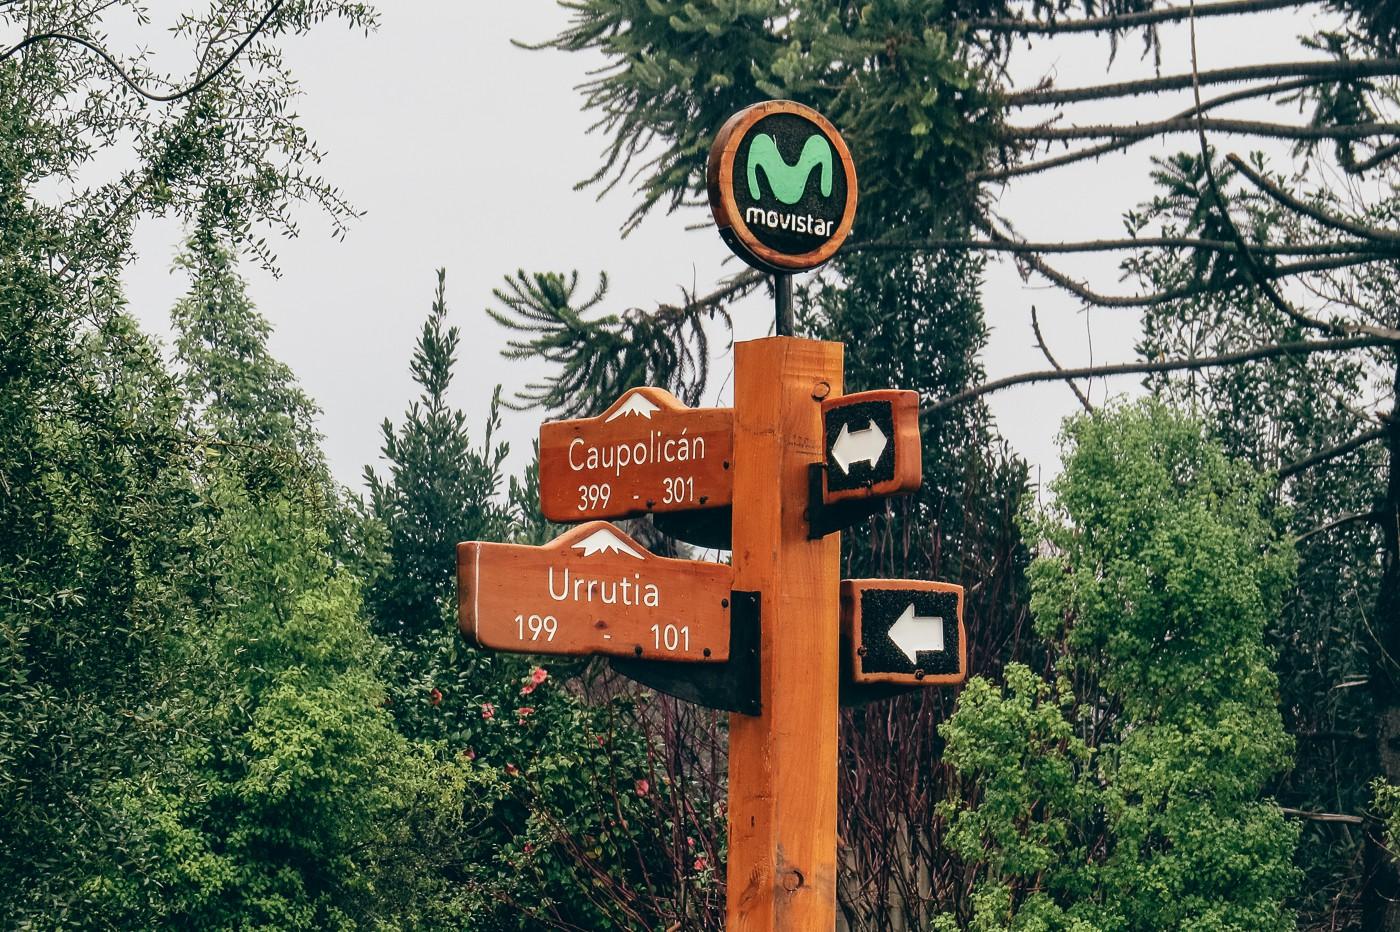 Uma das plaquinhas que indicam as ruas de Pucón, Chile